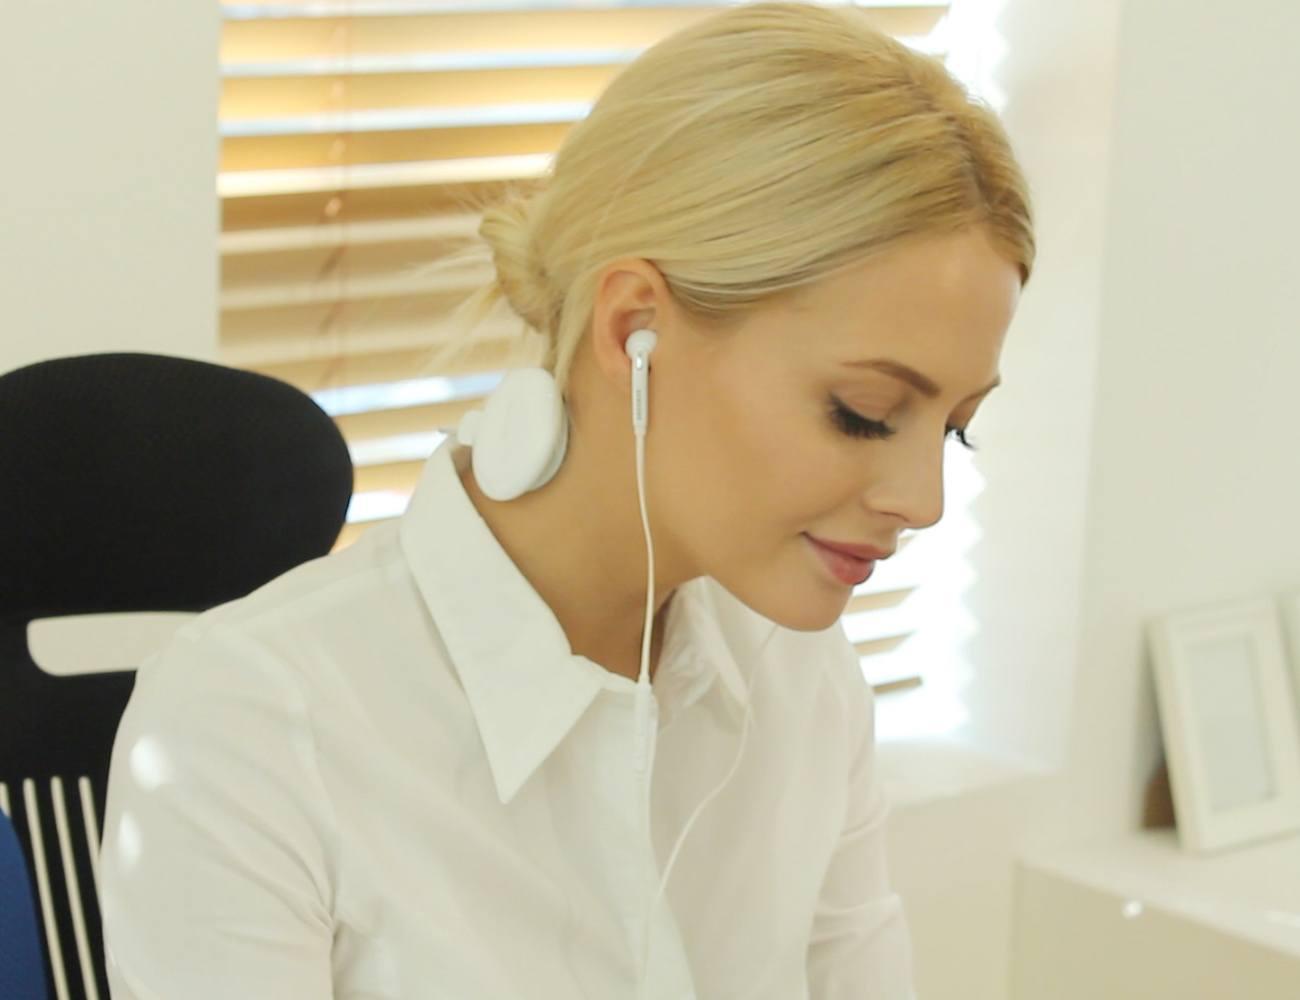 Dr.MUSIC 3 Wireless TENS Massager